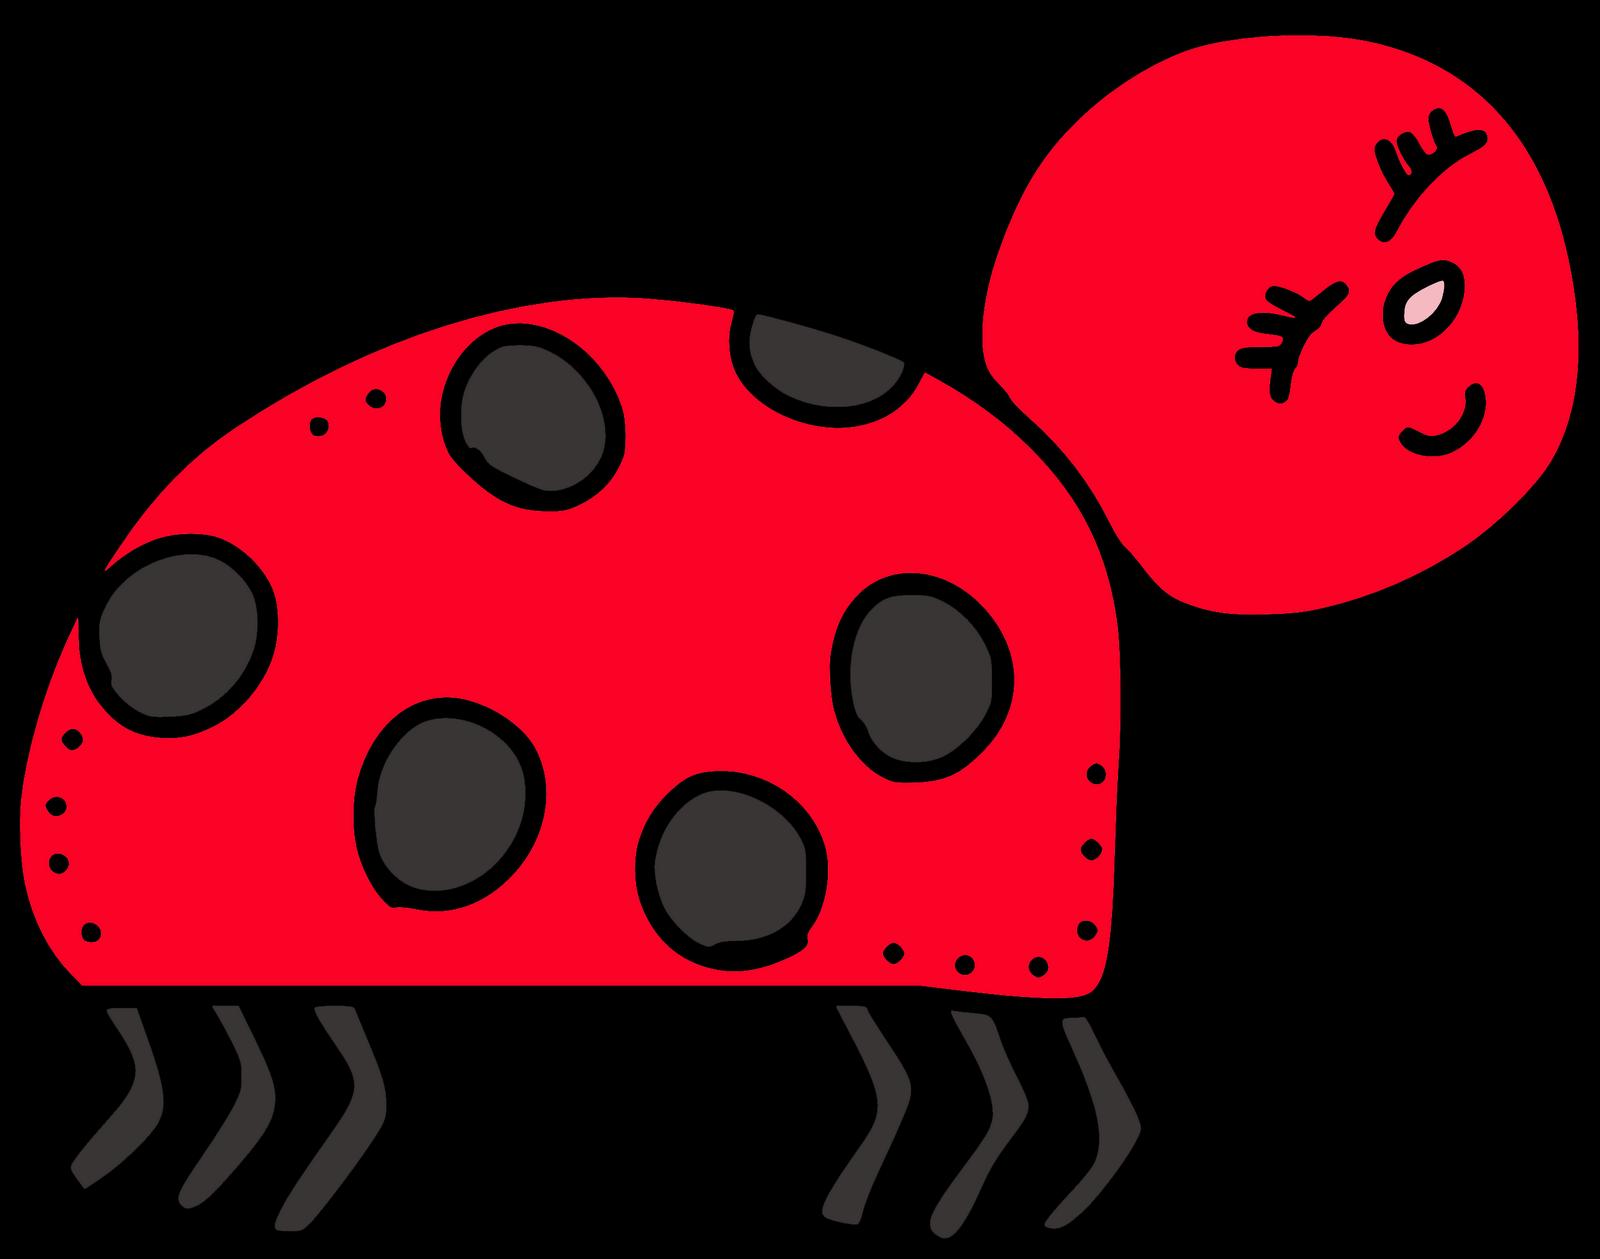 Bug carson dellosa insect clipart image 2